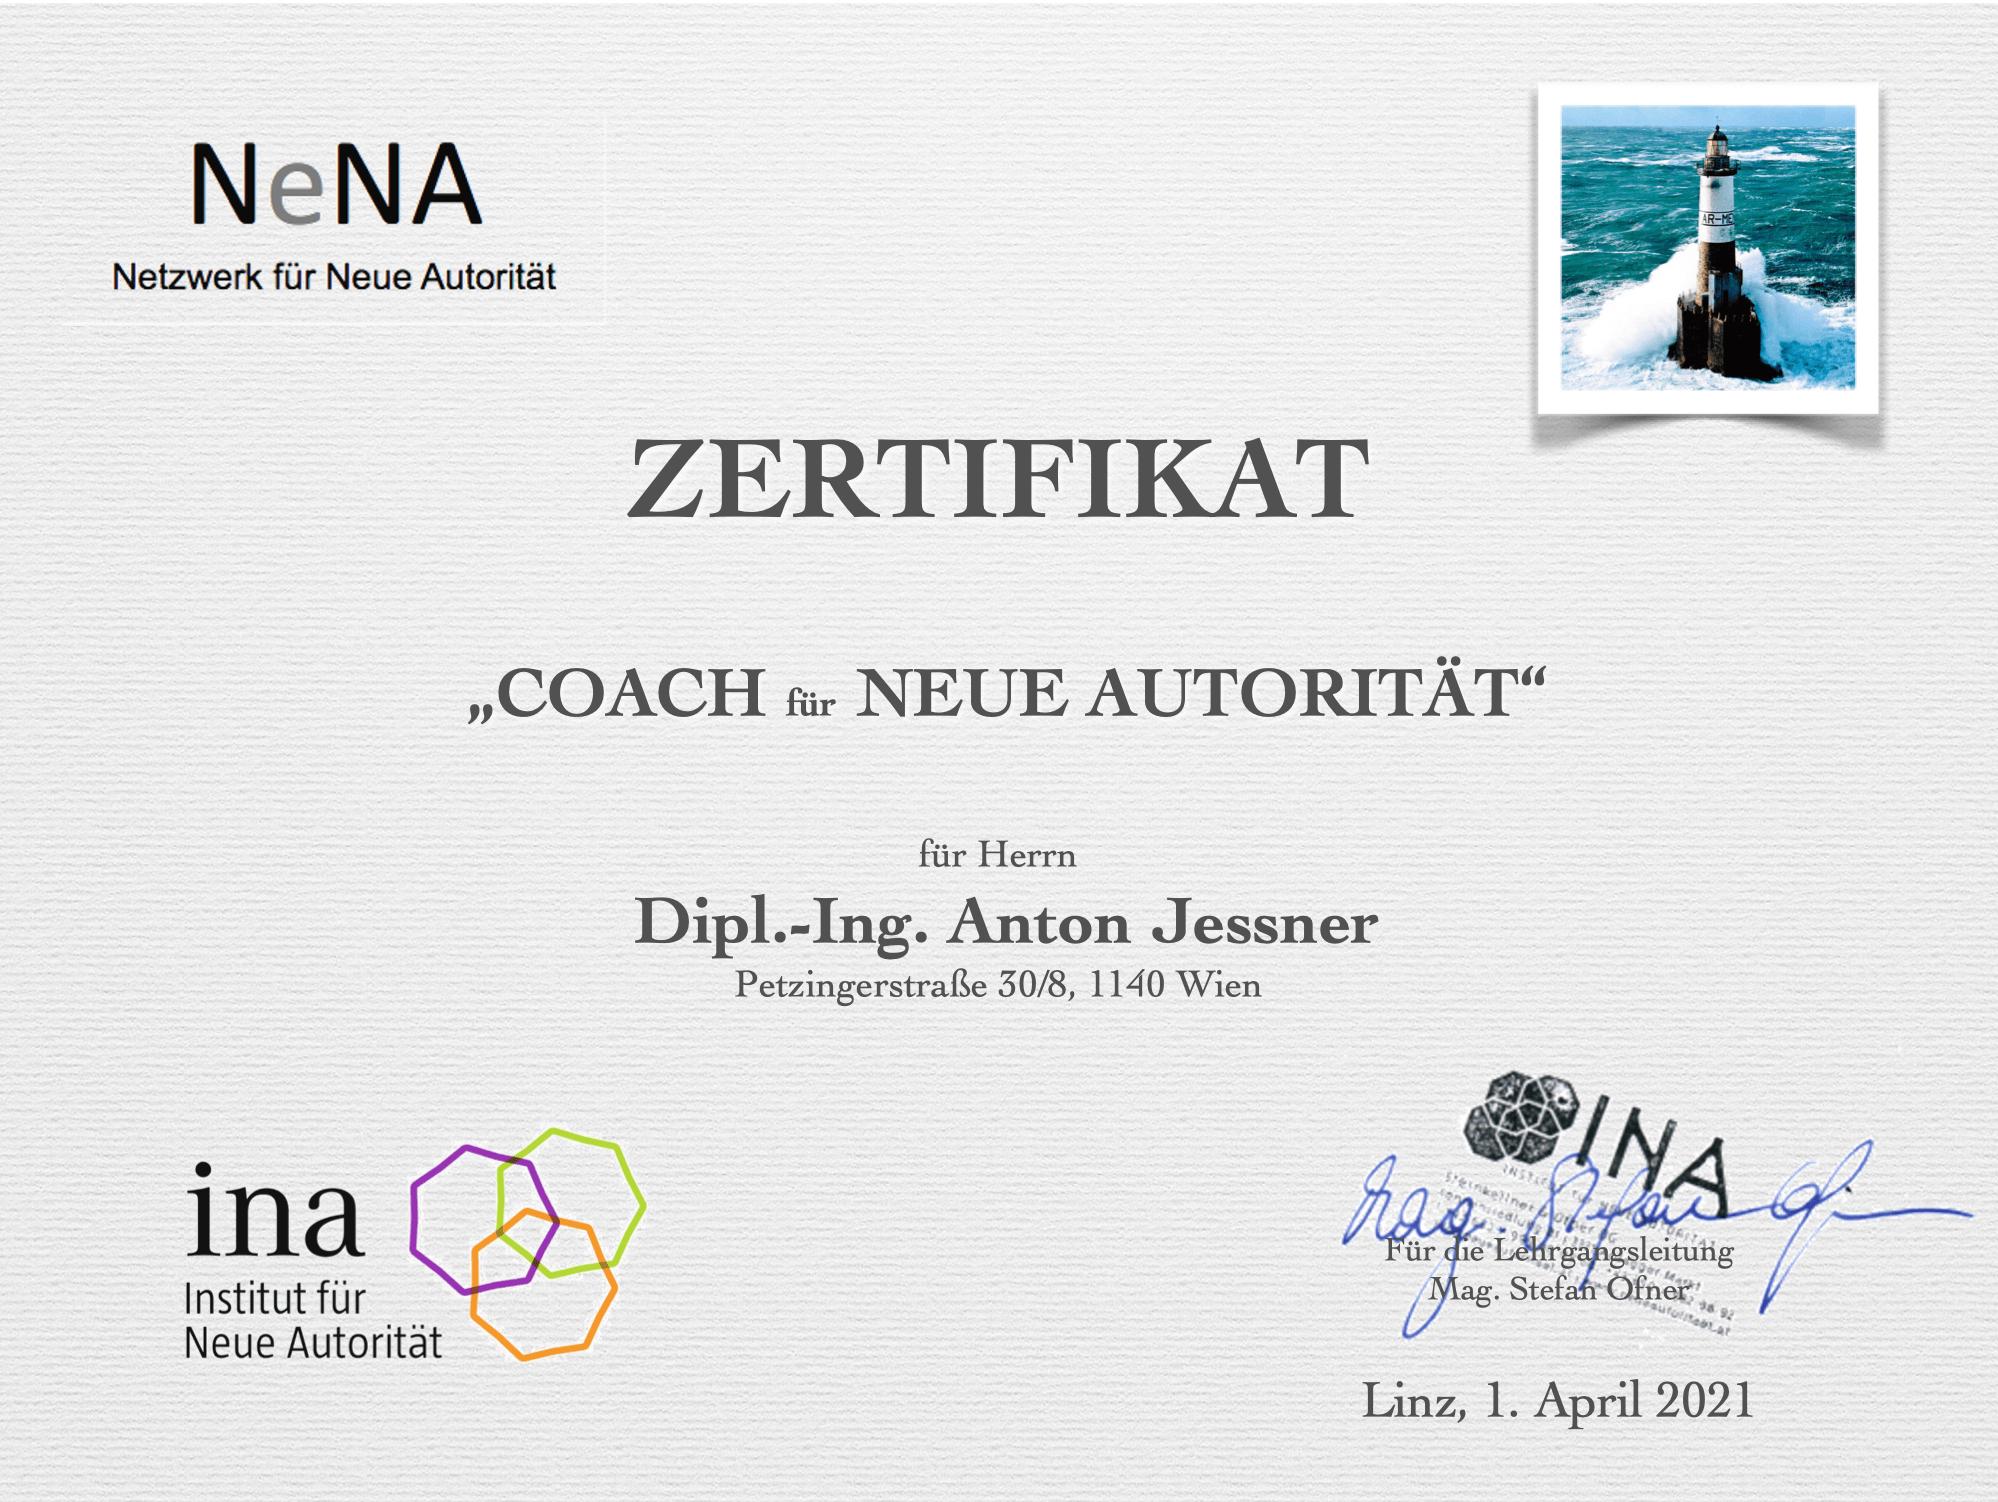 Anton Jessner - Coach für Neue Autorität